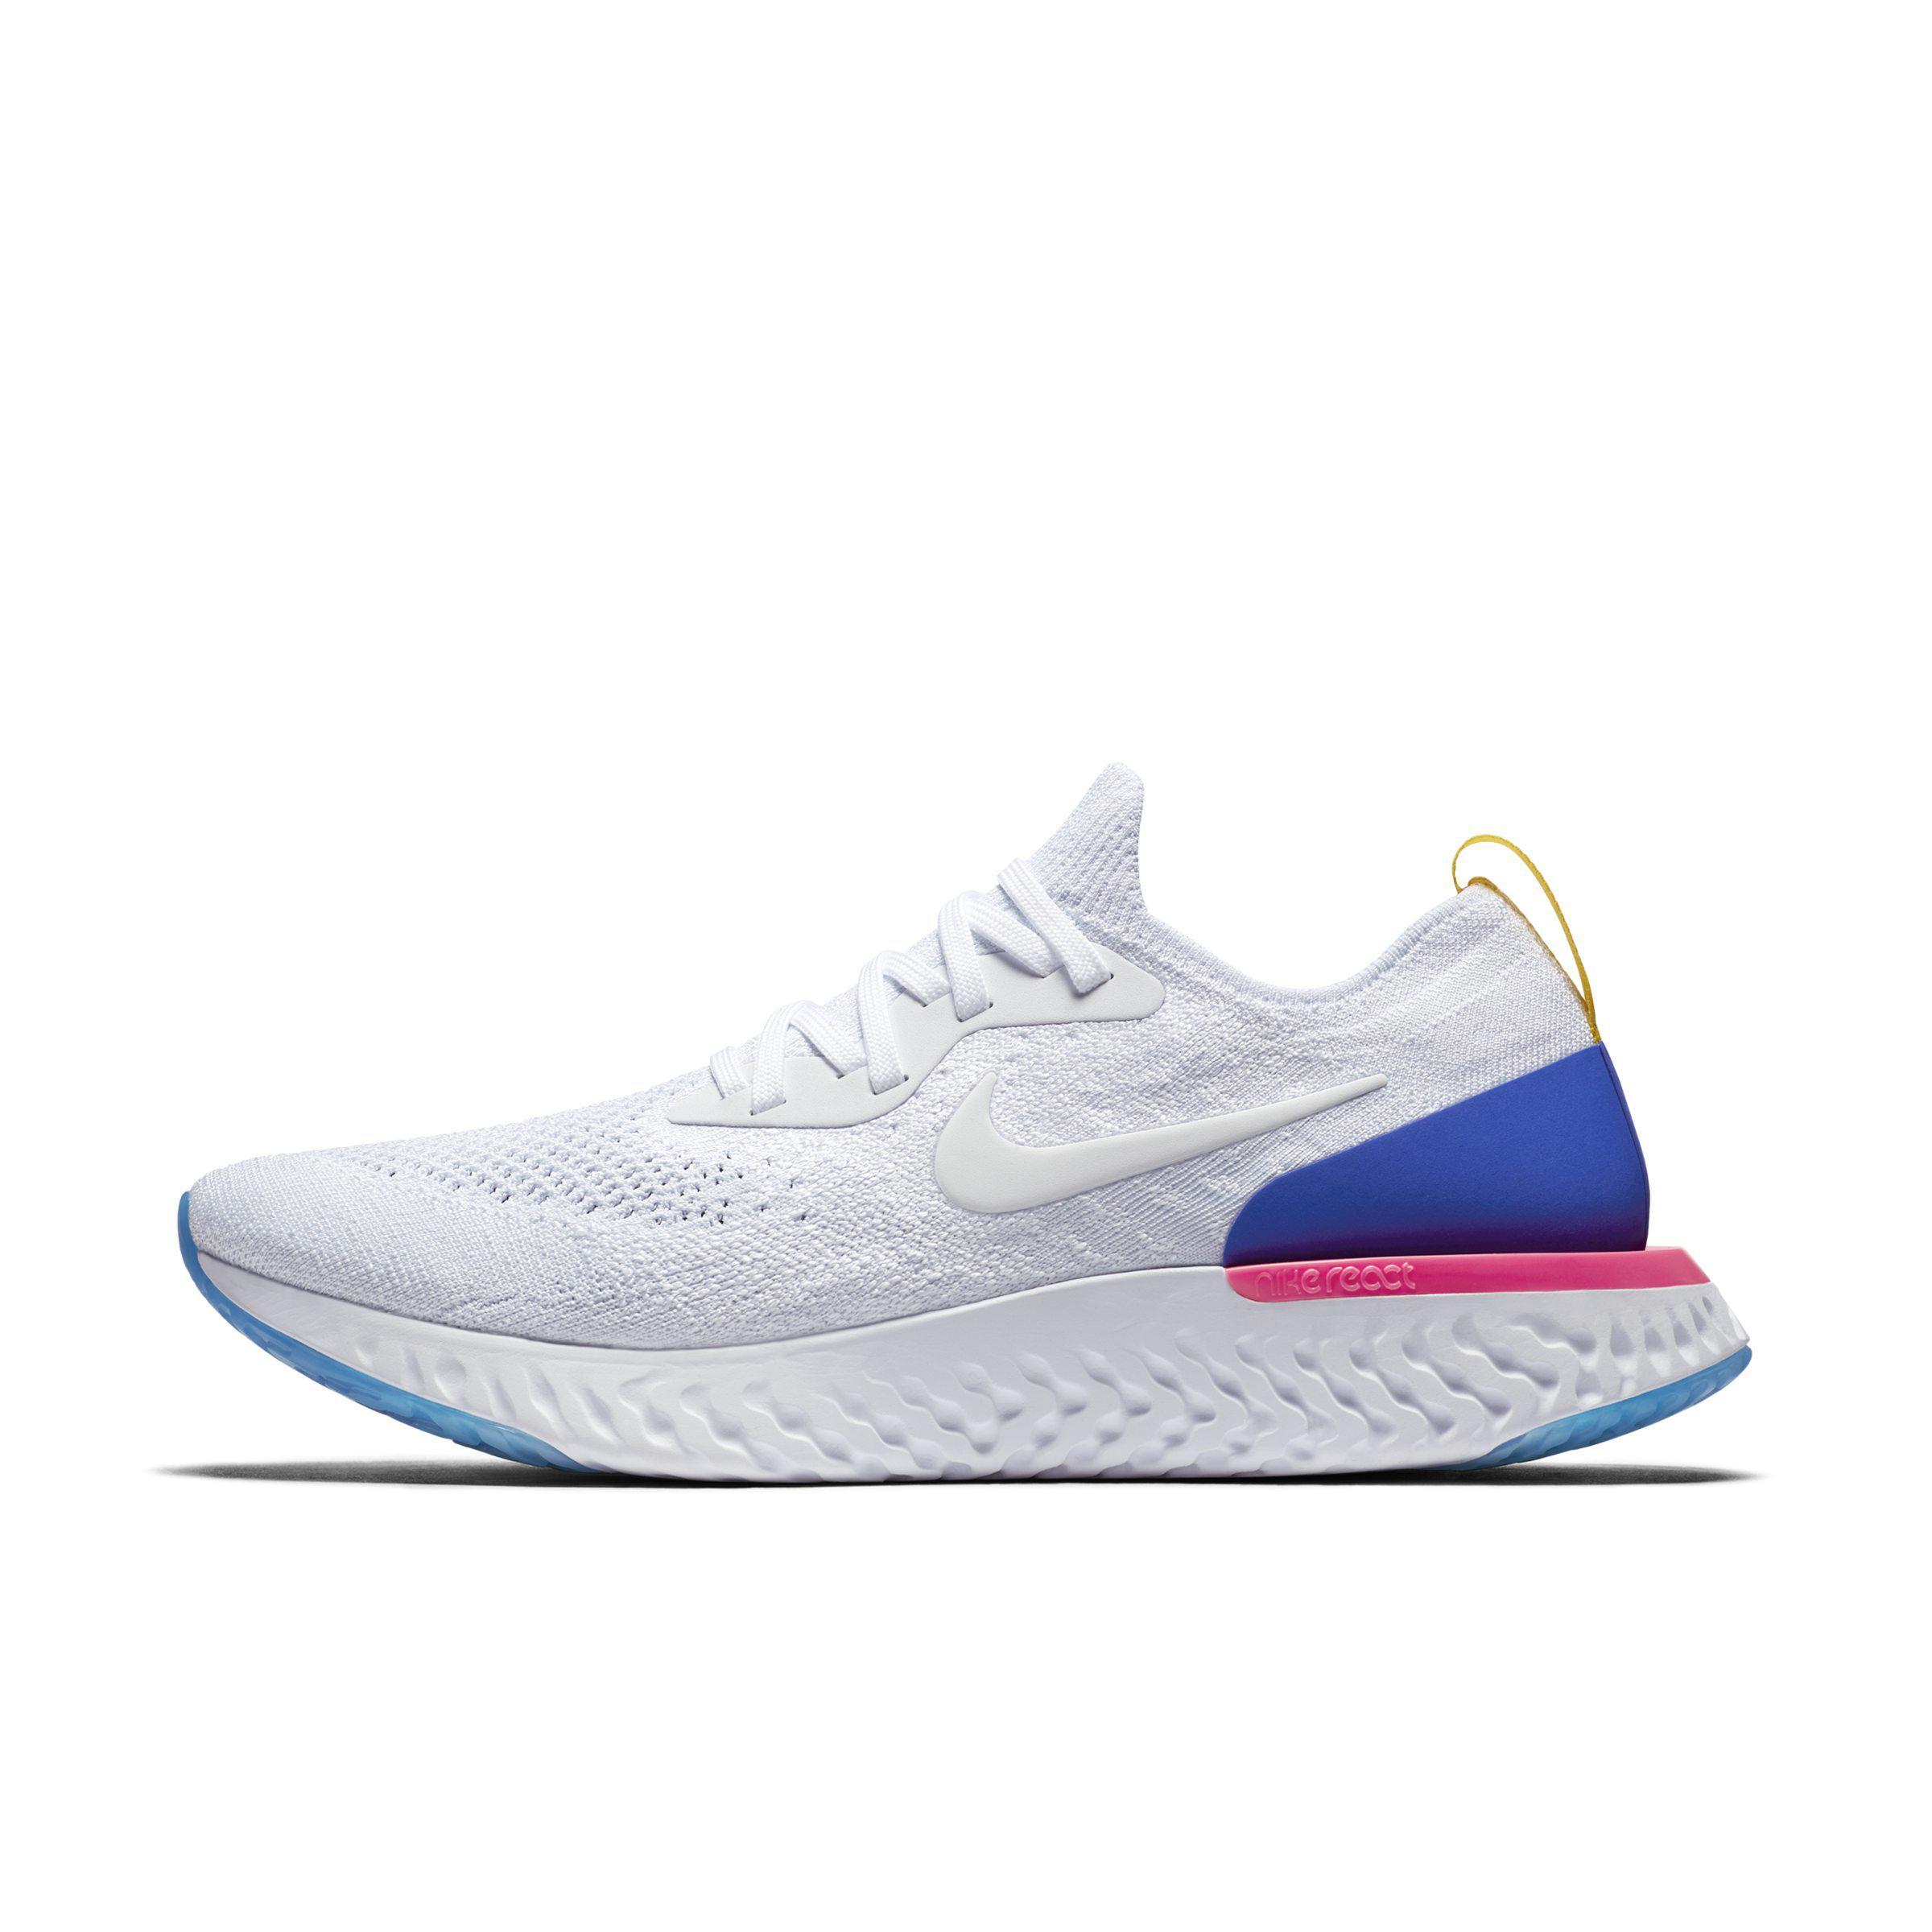 f61d02e34505 Nike Epic React Flyknit Running Shoe in White for Men - Lyst